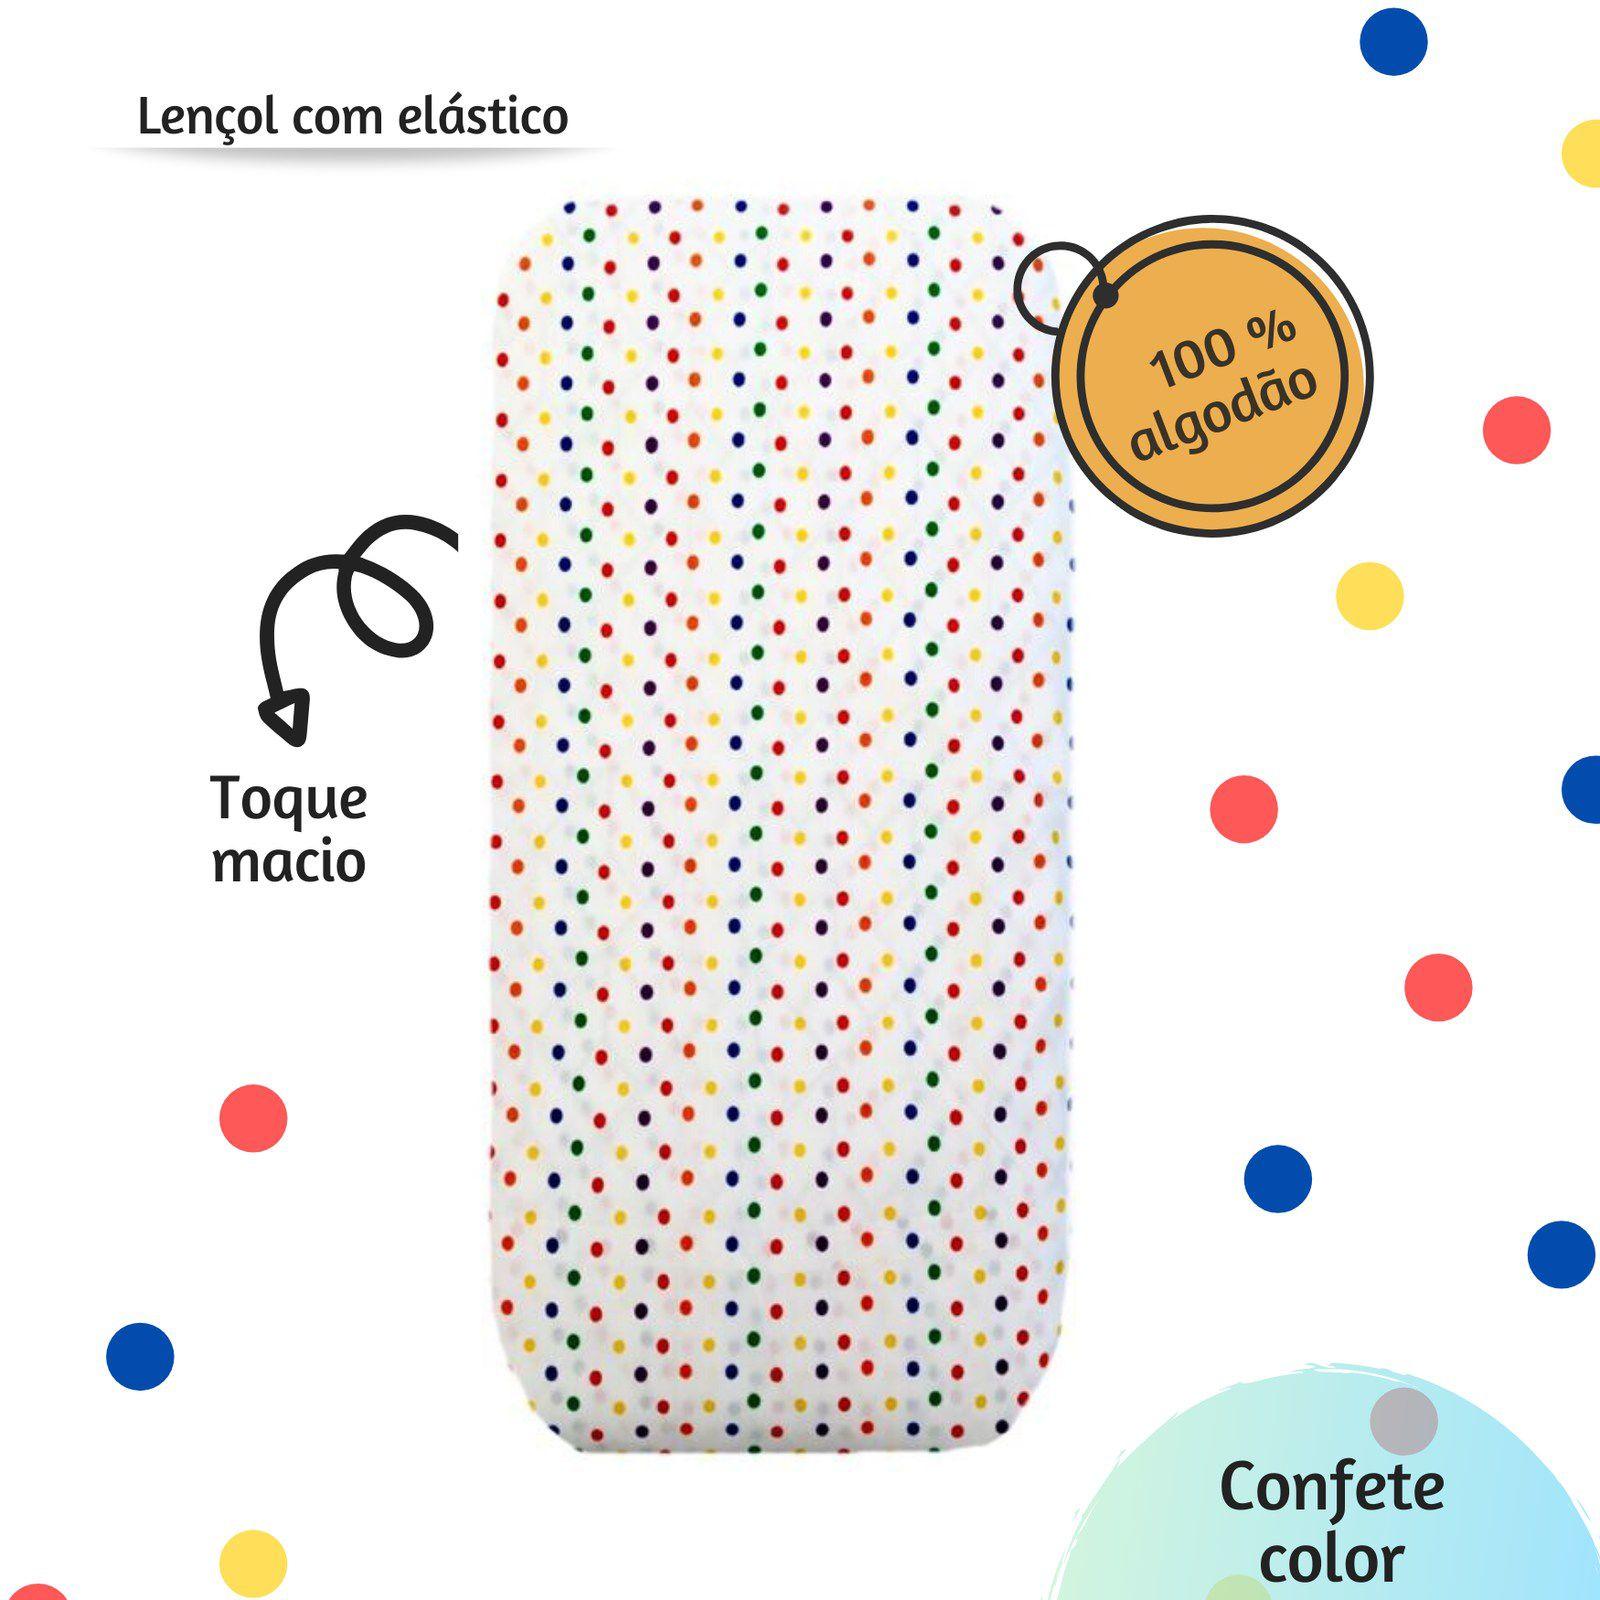 Lençol com elástico solteiro 88 x 188 cm  Confete color  - Pomelo Decor